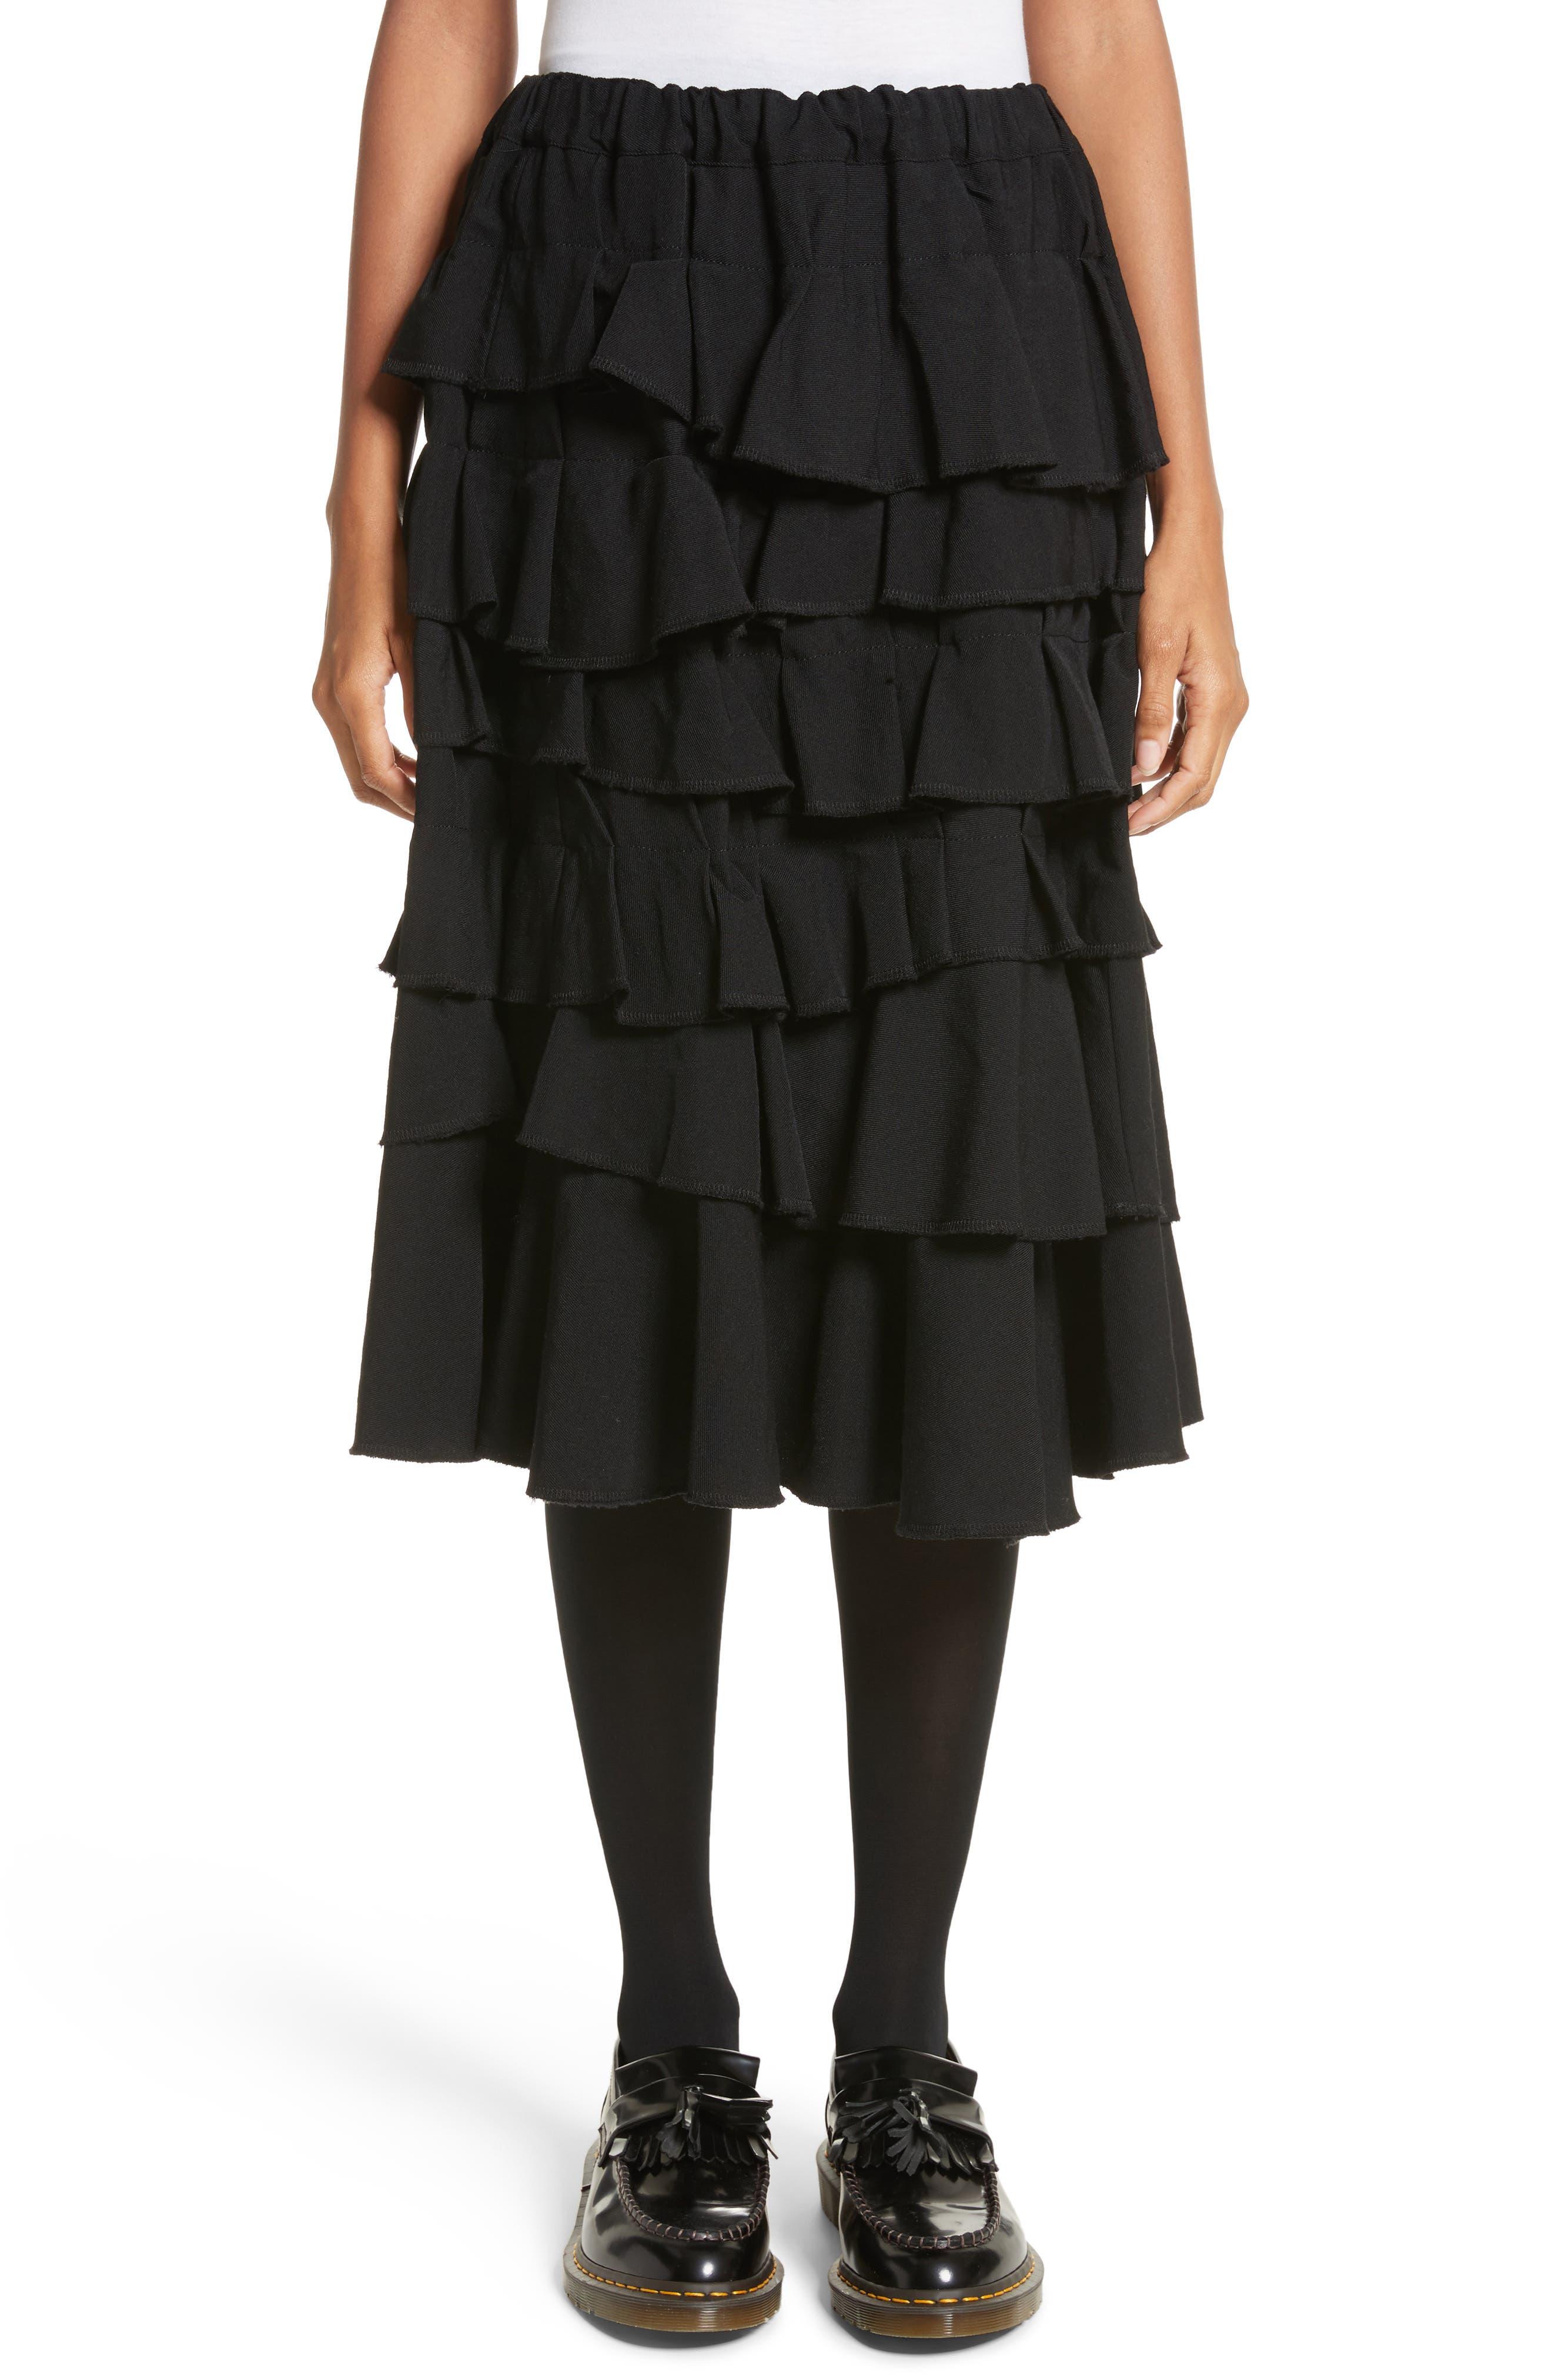 Alternate Image 1 Selected - Comme des Garçons Ruffle Gabardine Skirt